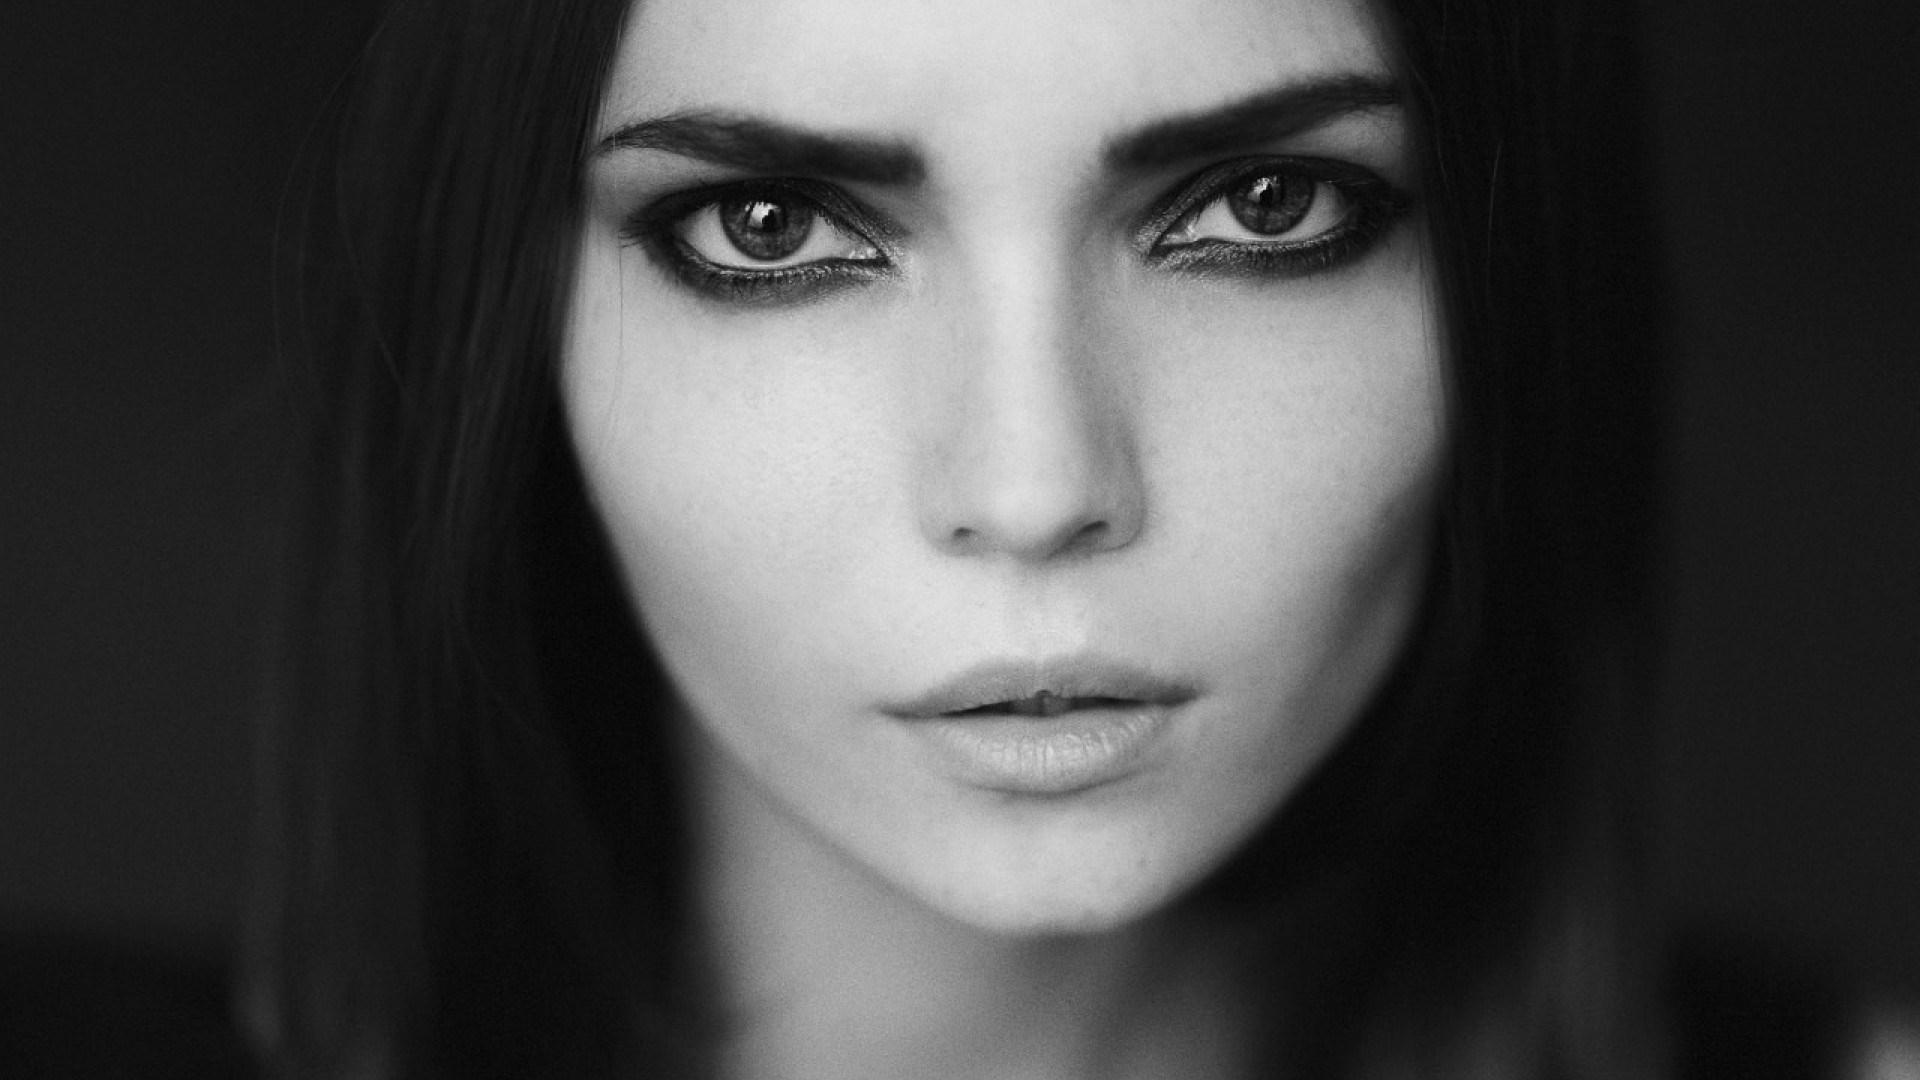 Face Photo Girl Portrait